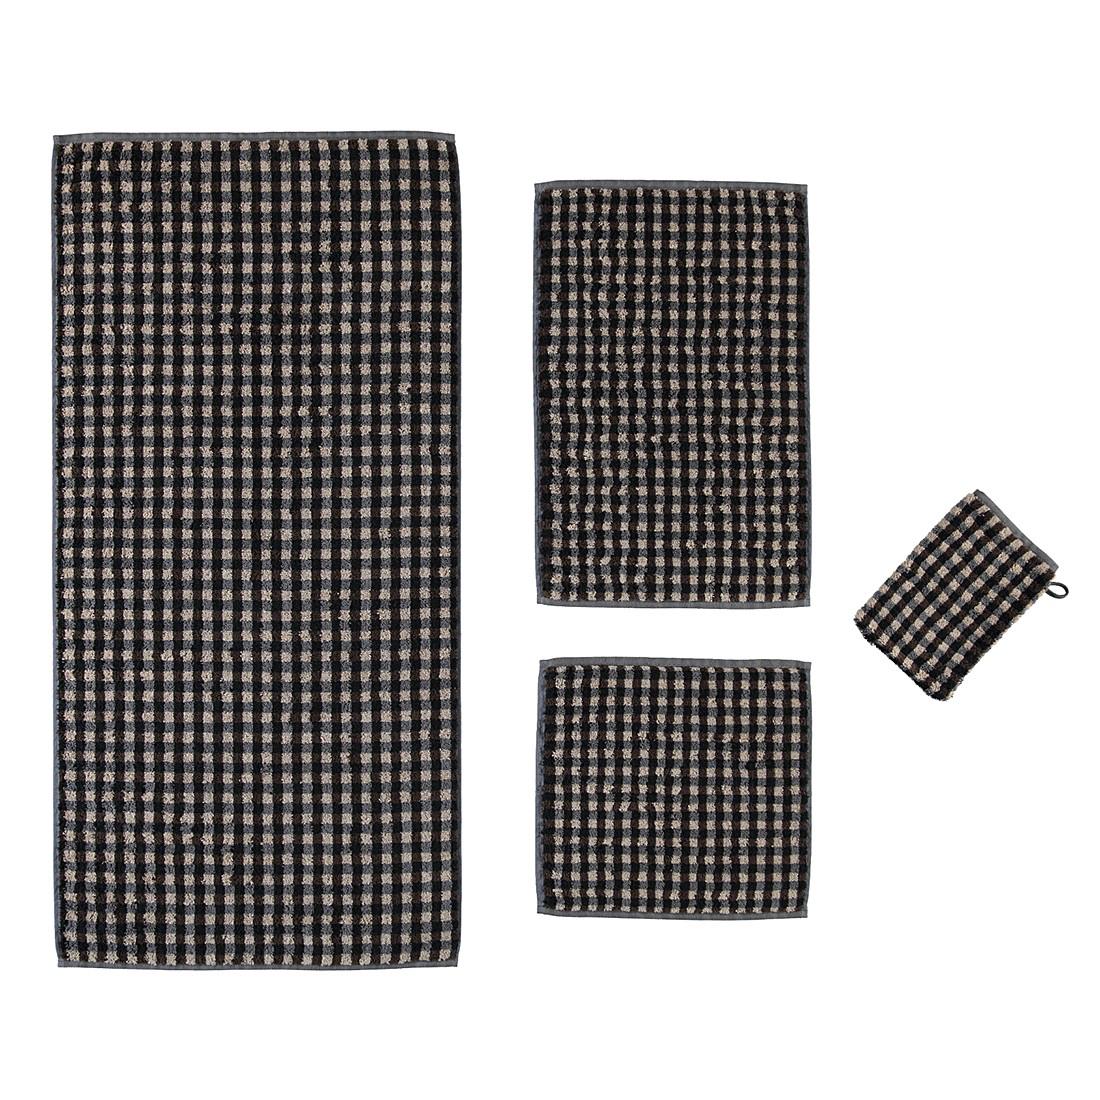 Handtücher Puro Allover 531 – Baumwolle – Marone – Gästetuch 30×50 cm, Cawö günstig